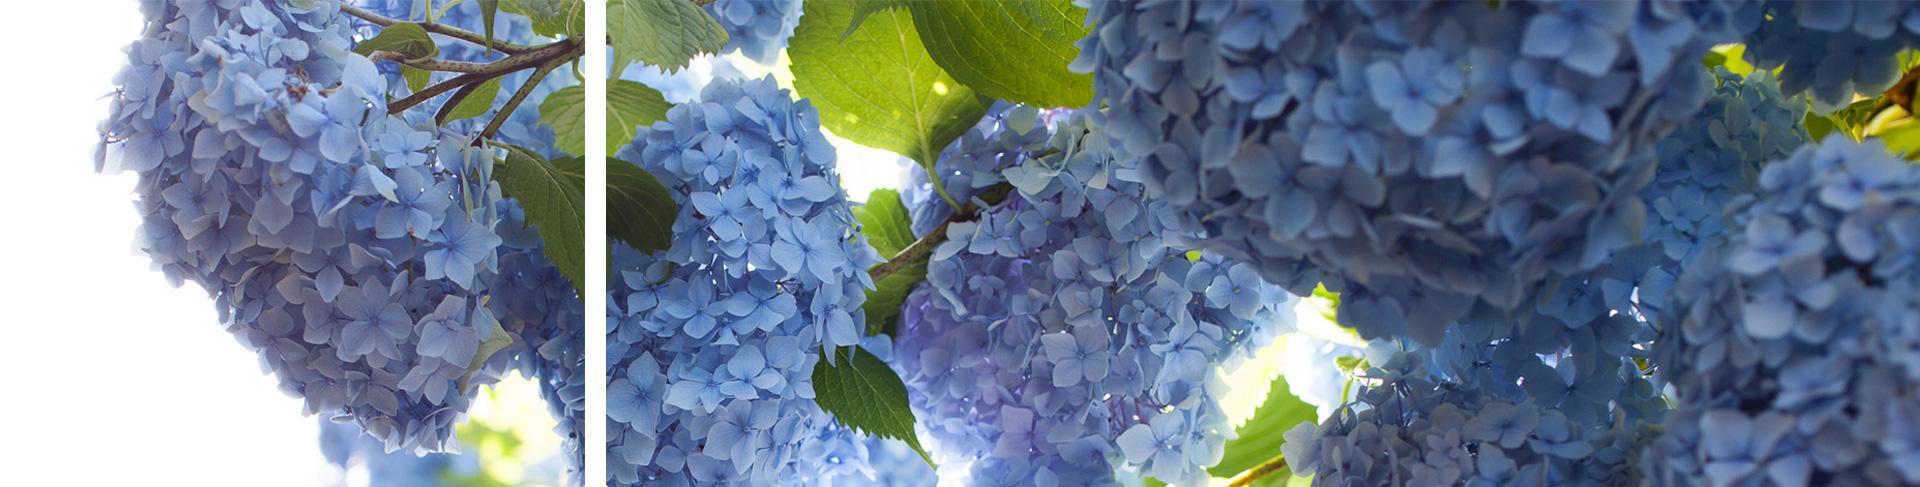 Blütenzeit im Rosengarten